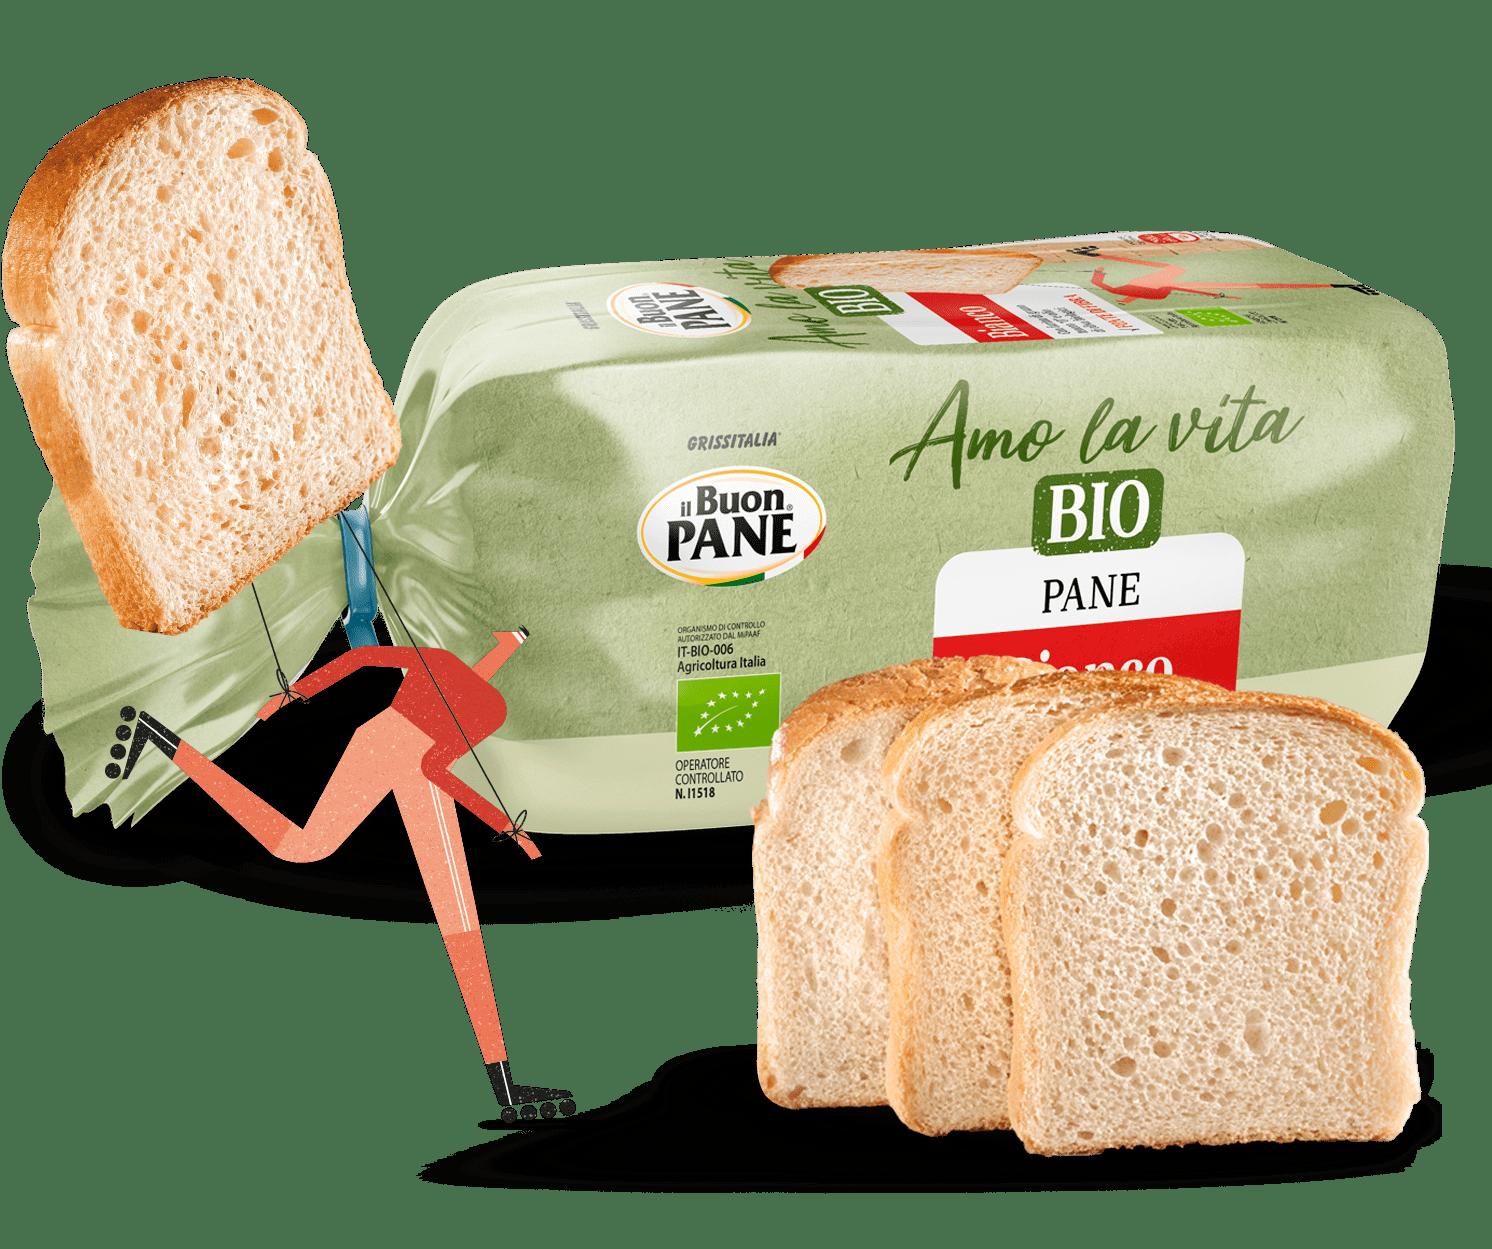 grissitalia amo la vita il buon pane